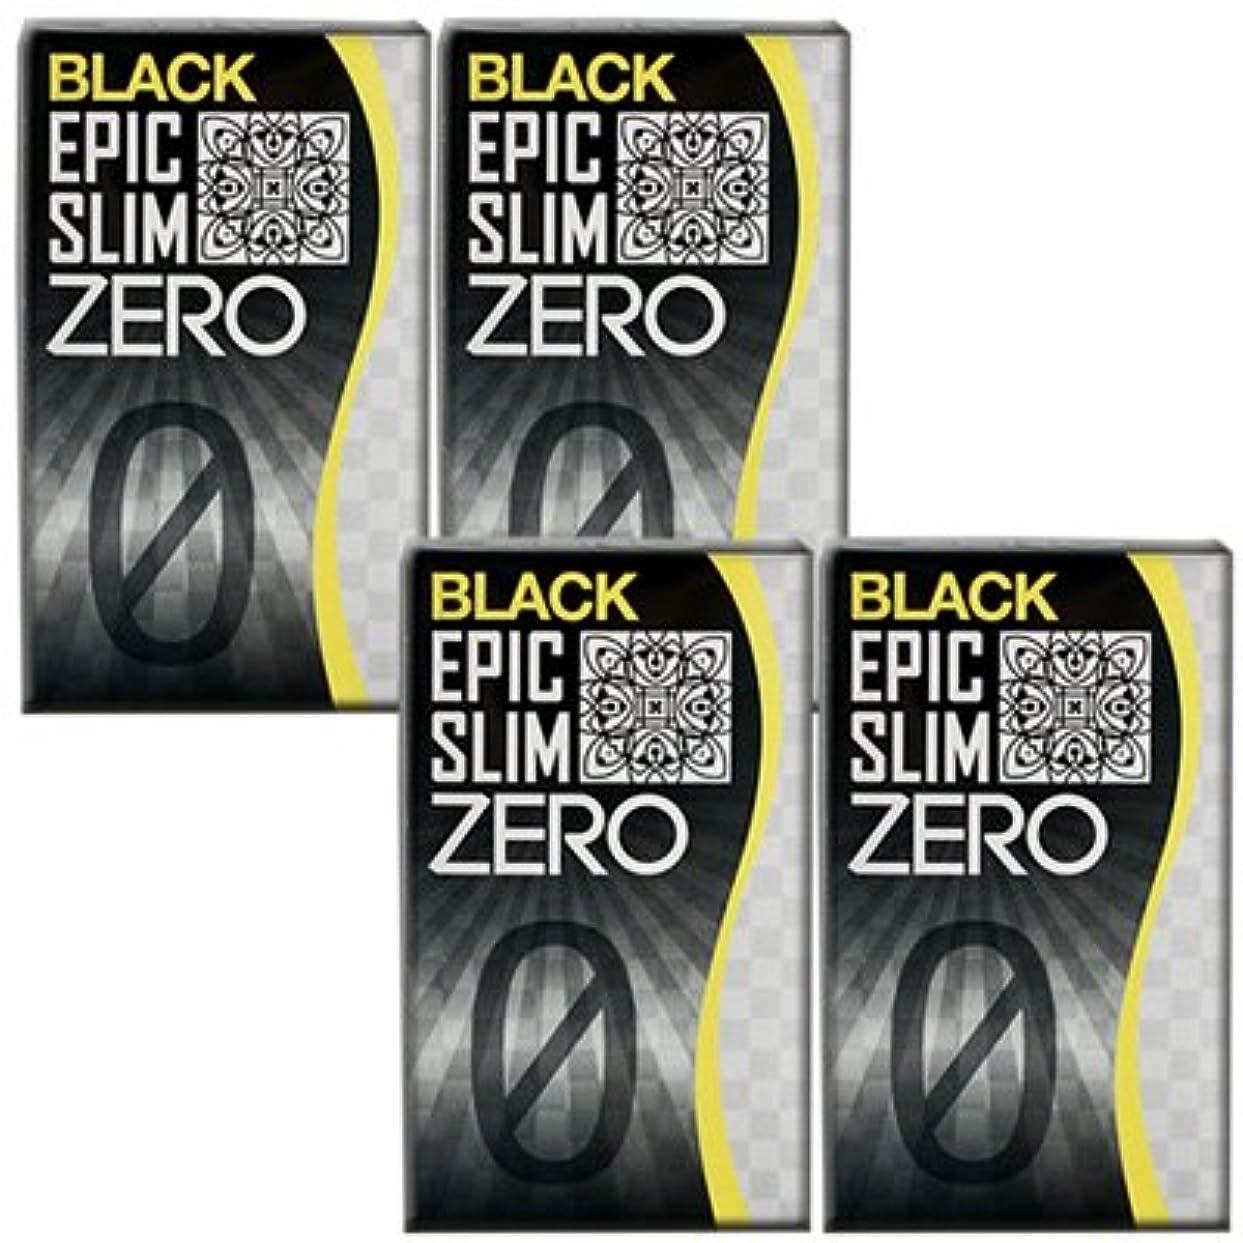 エレベーター一生盲目ブラック エピックスリム ゼロ ブラック 4個セット!  Epic Slim ZERO BLACK ×4個